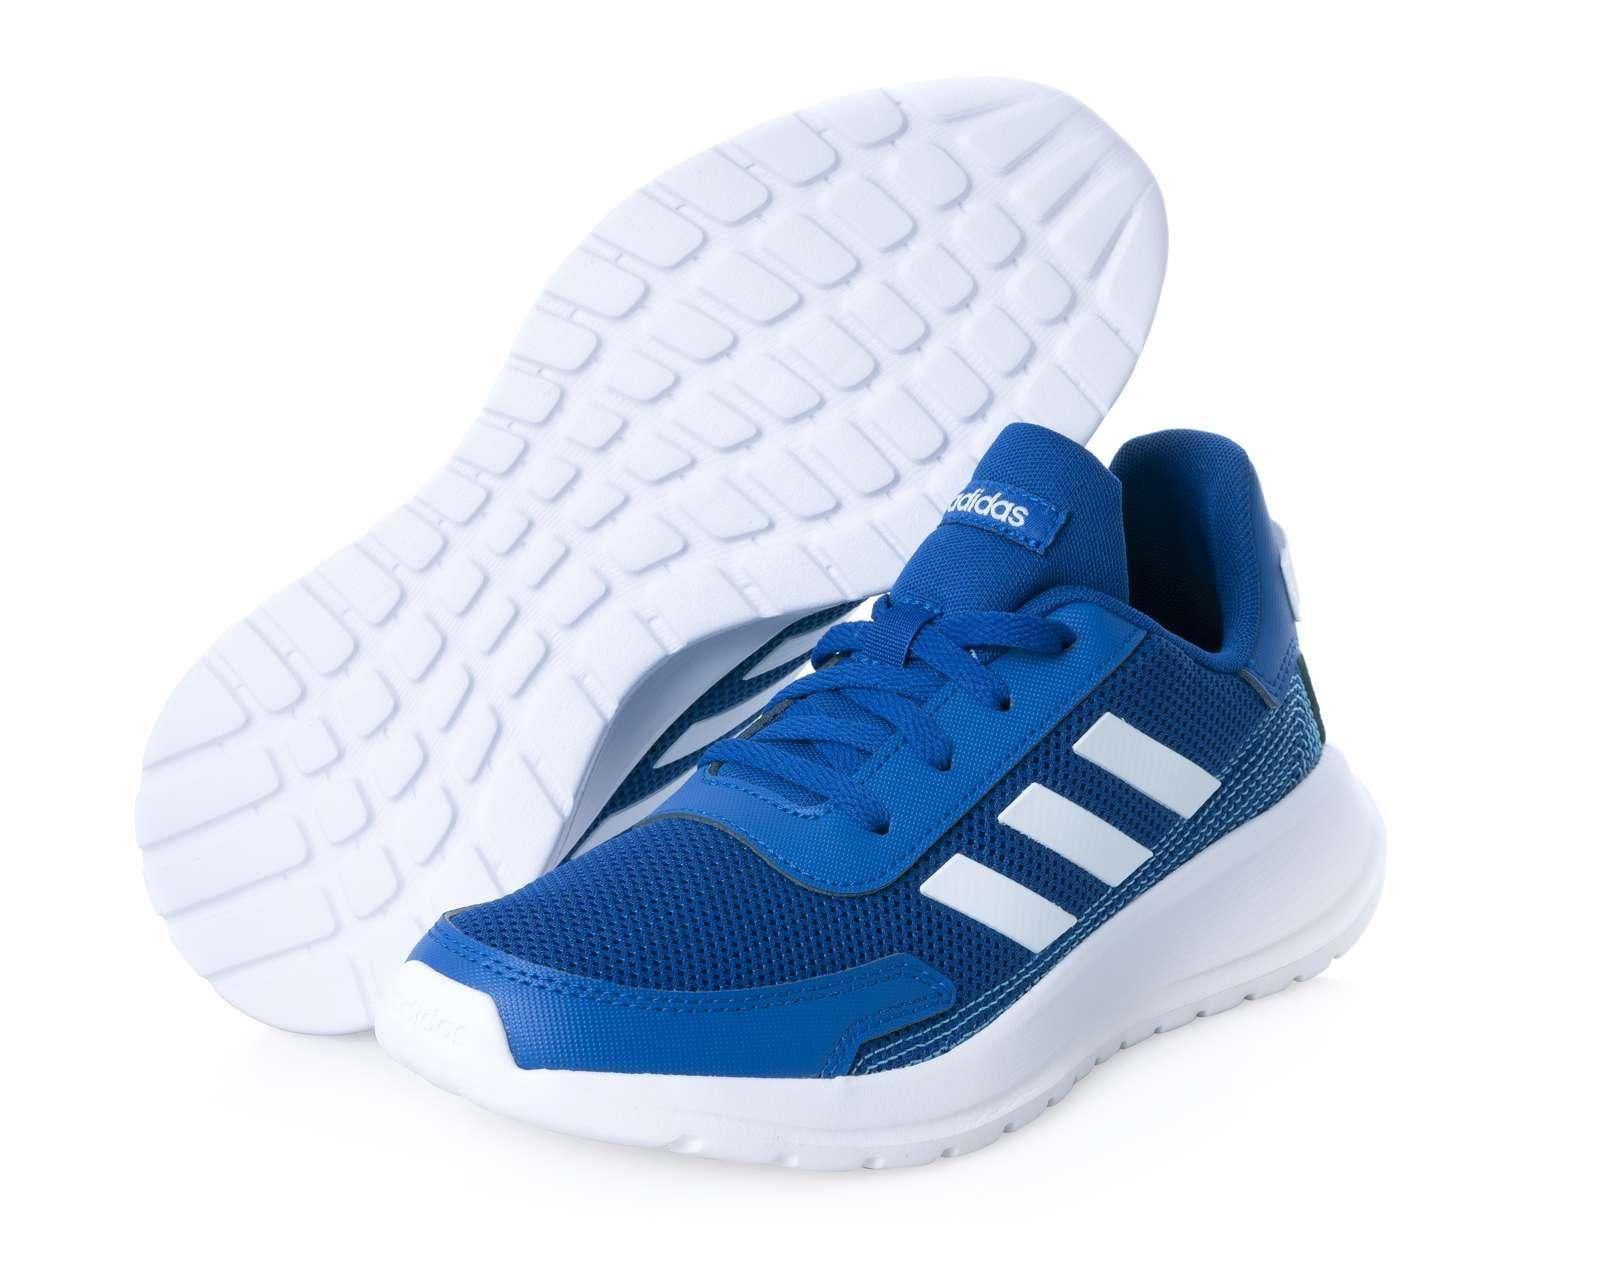 celestial metano horizonte  Encuentra aquí Tenis Adidas Tensaur Run K Juvenil color Azul. Coppel tiene  las últimas tendencias en zapatos, tenis, sandalias y… en 2020 | Tenis  azules, Adidas, Color azul